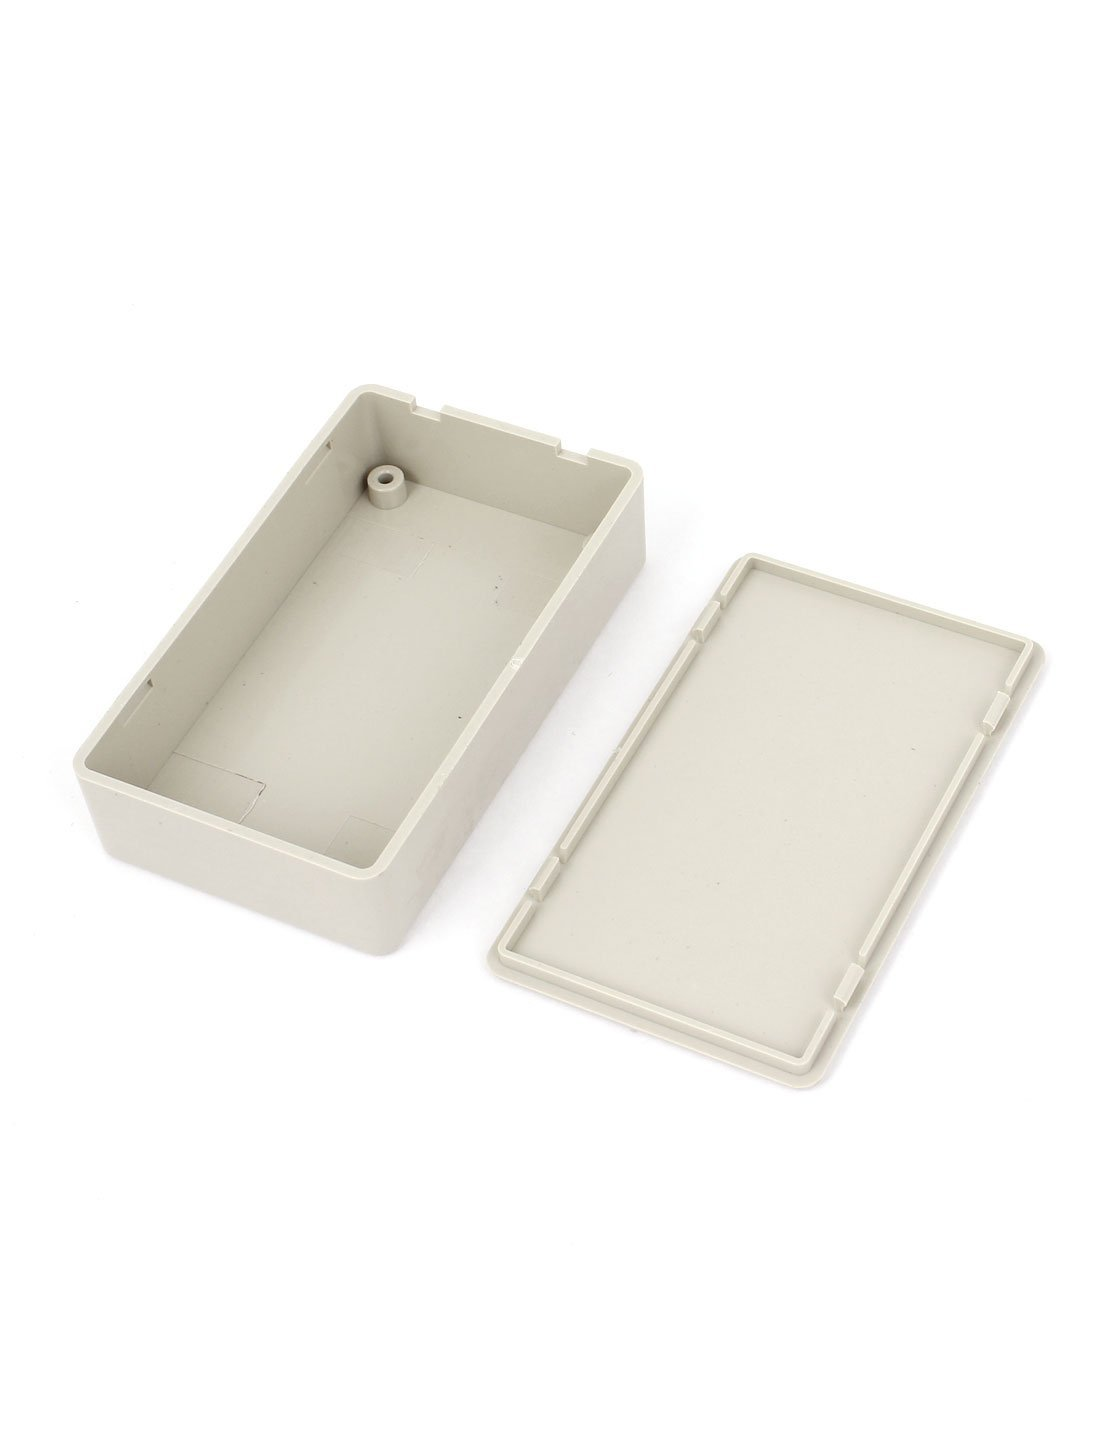 5PCS a prueba de agua de alimentación del protector de plástico caja de conexiones 85mmx50mmx21mm - - Amazon.com